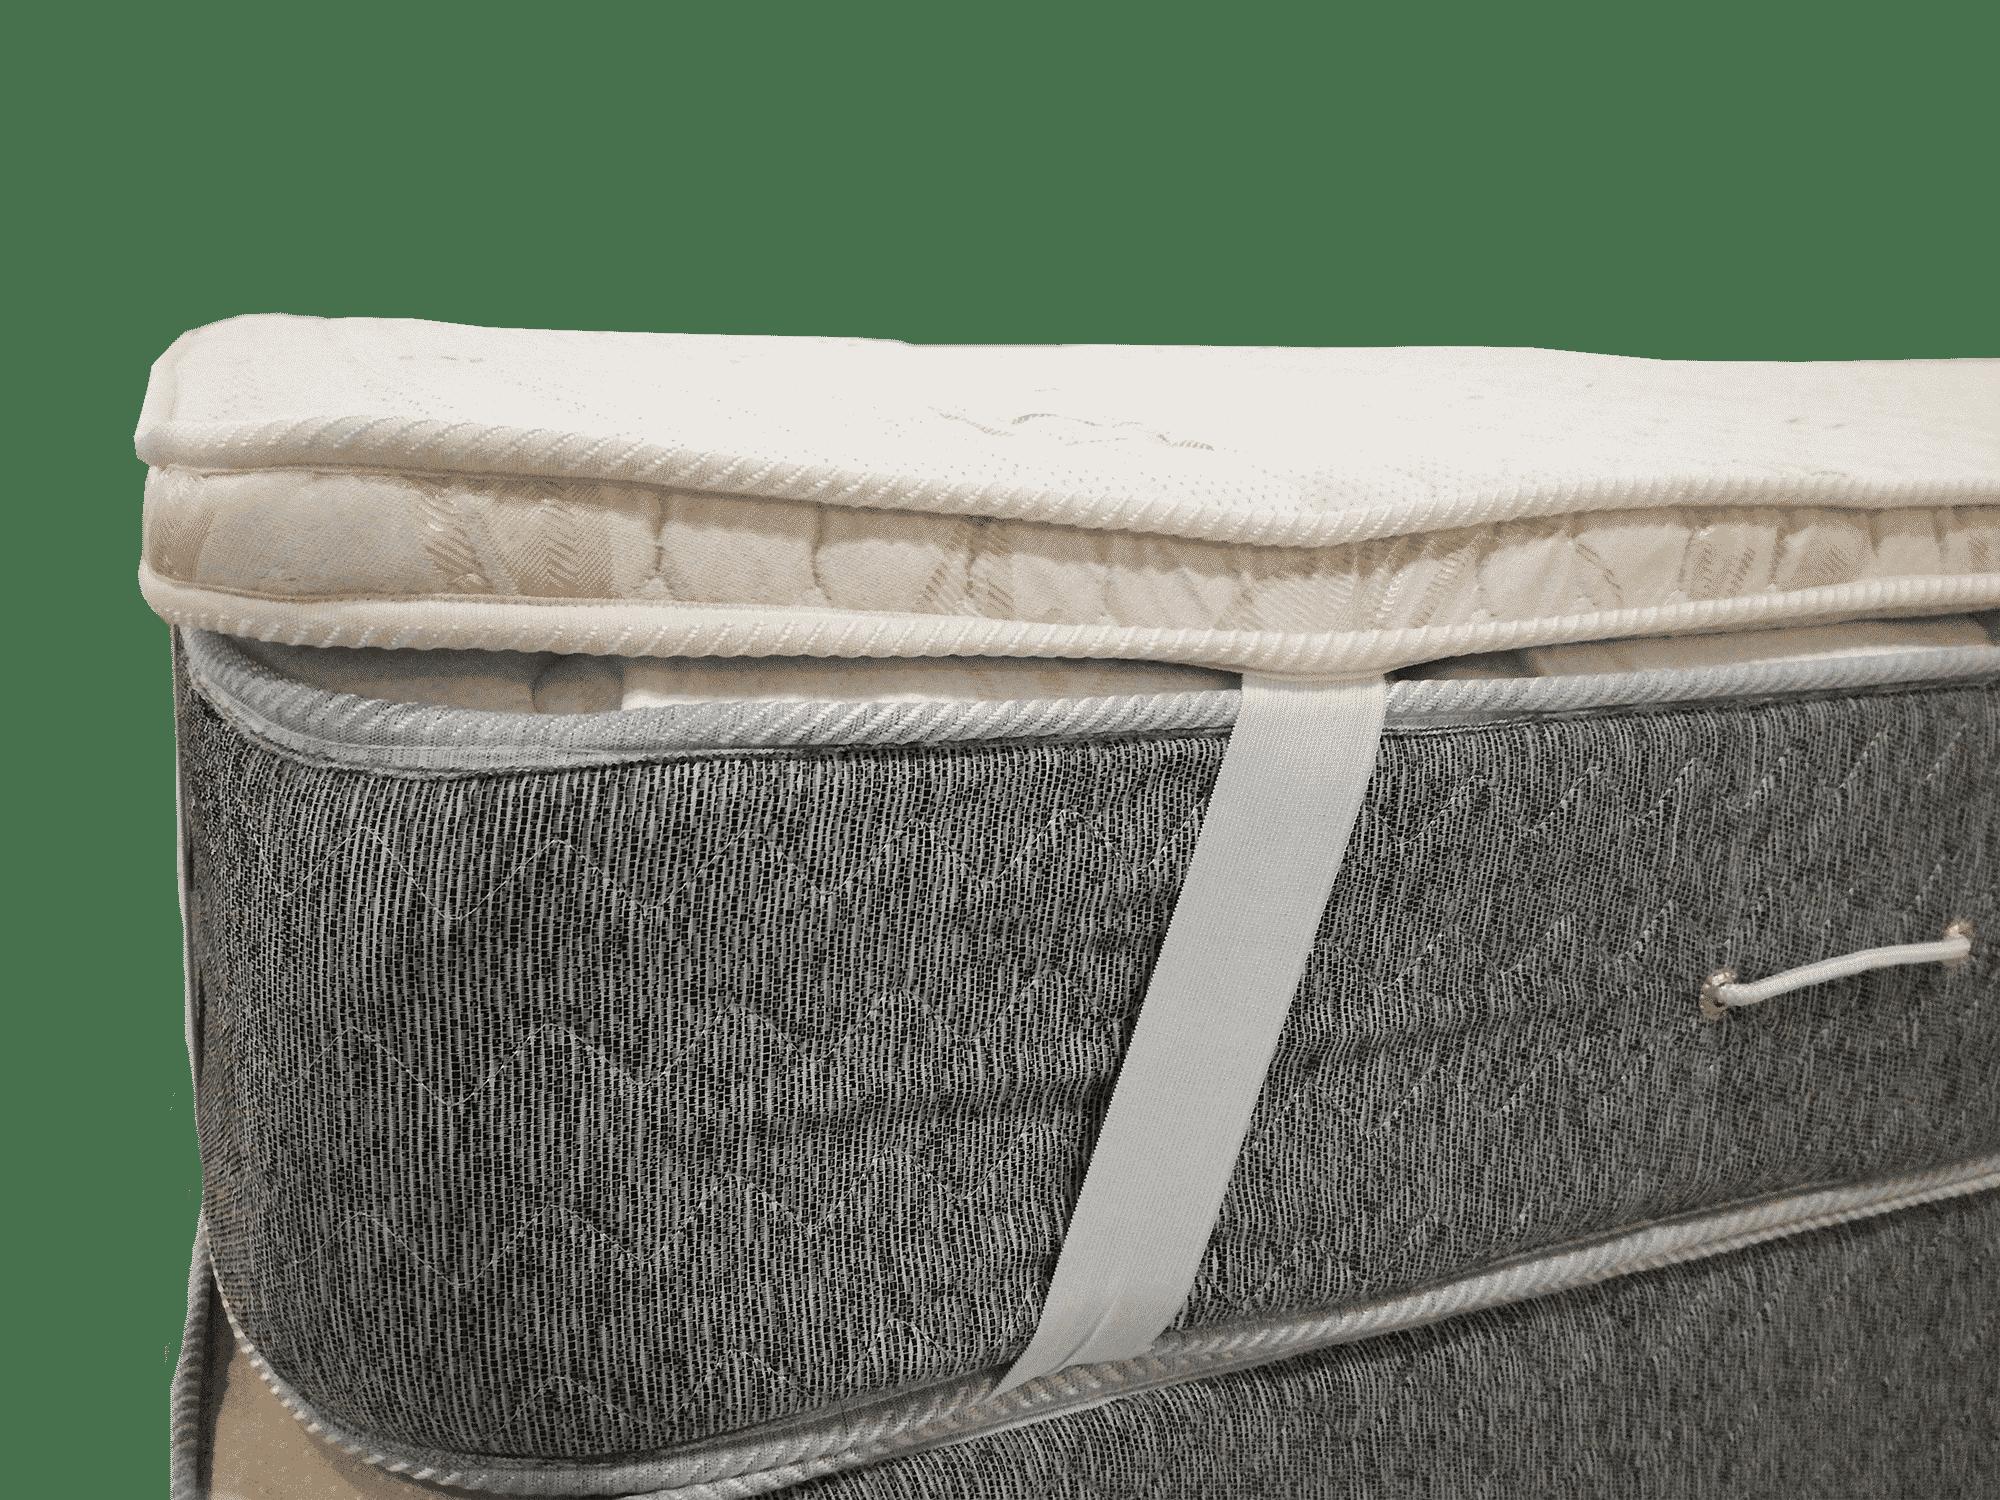 Pillow top viscoelastico desmontable 190 80 arcoiris for Topper para colchon